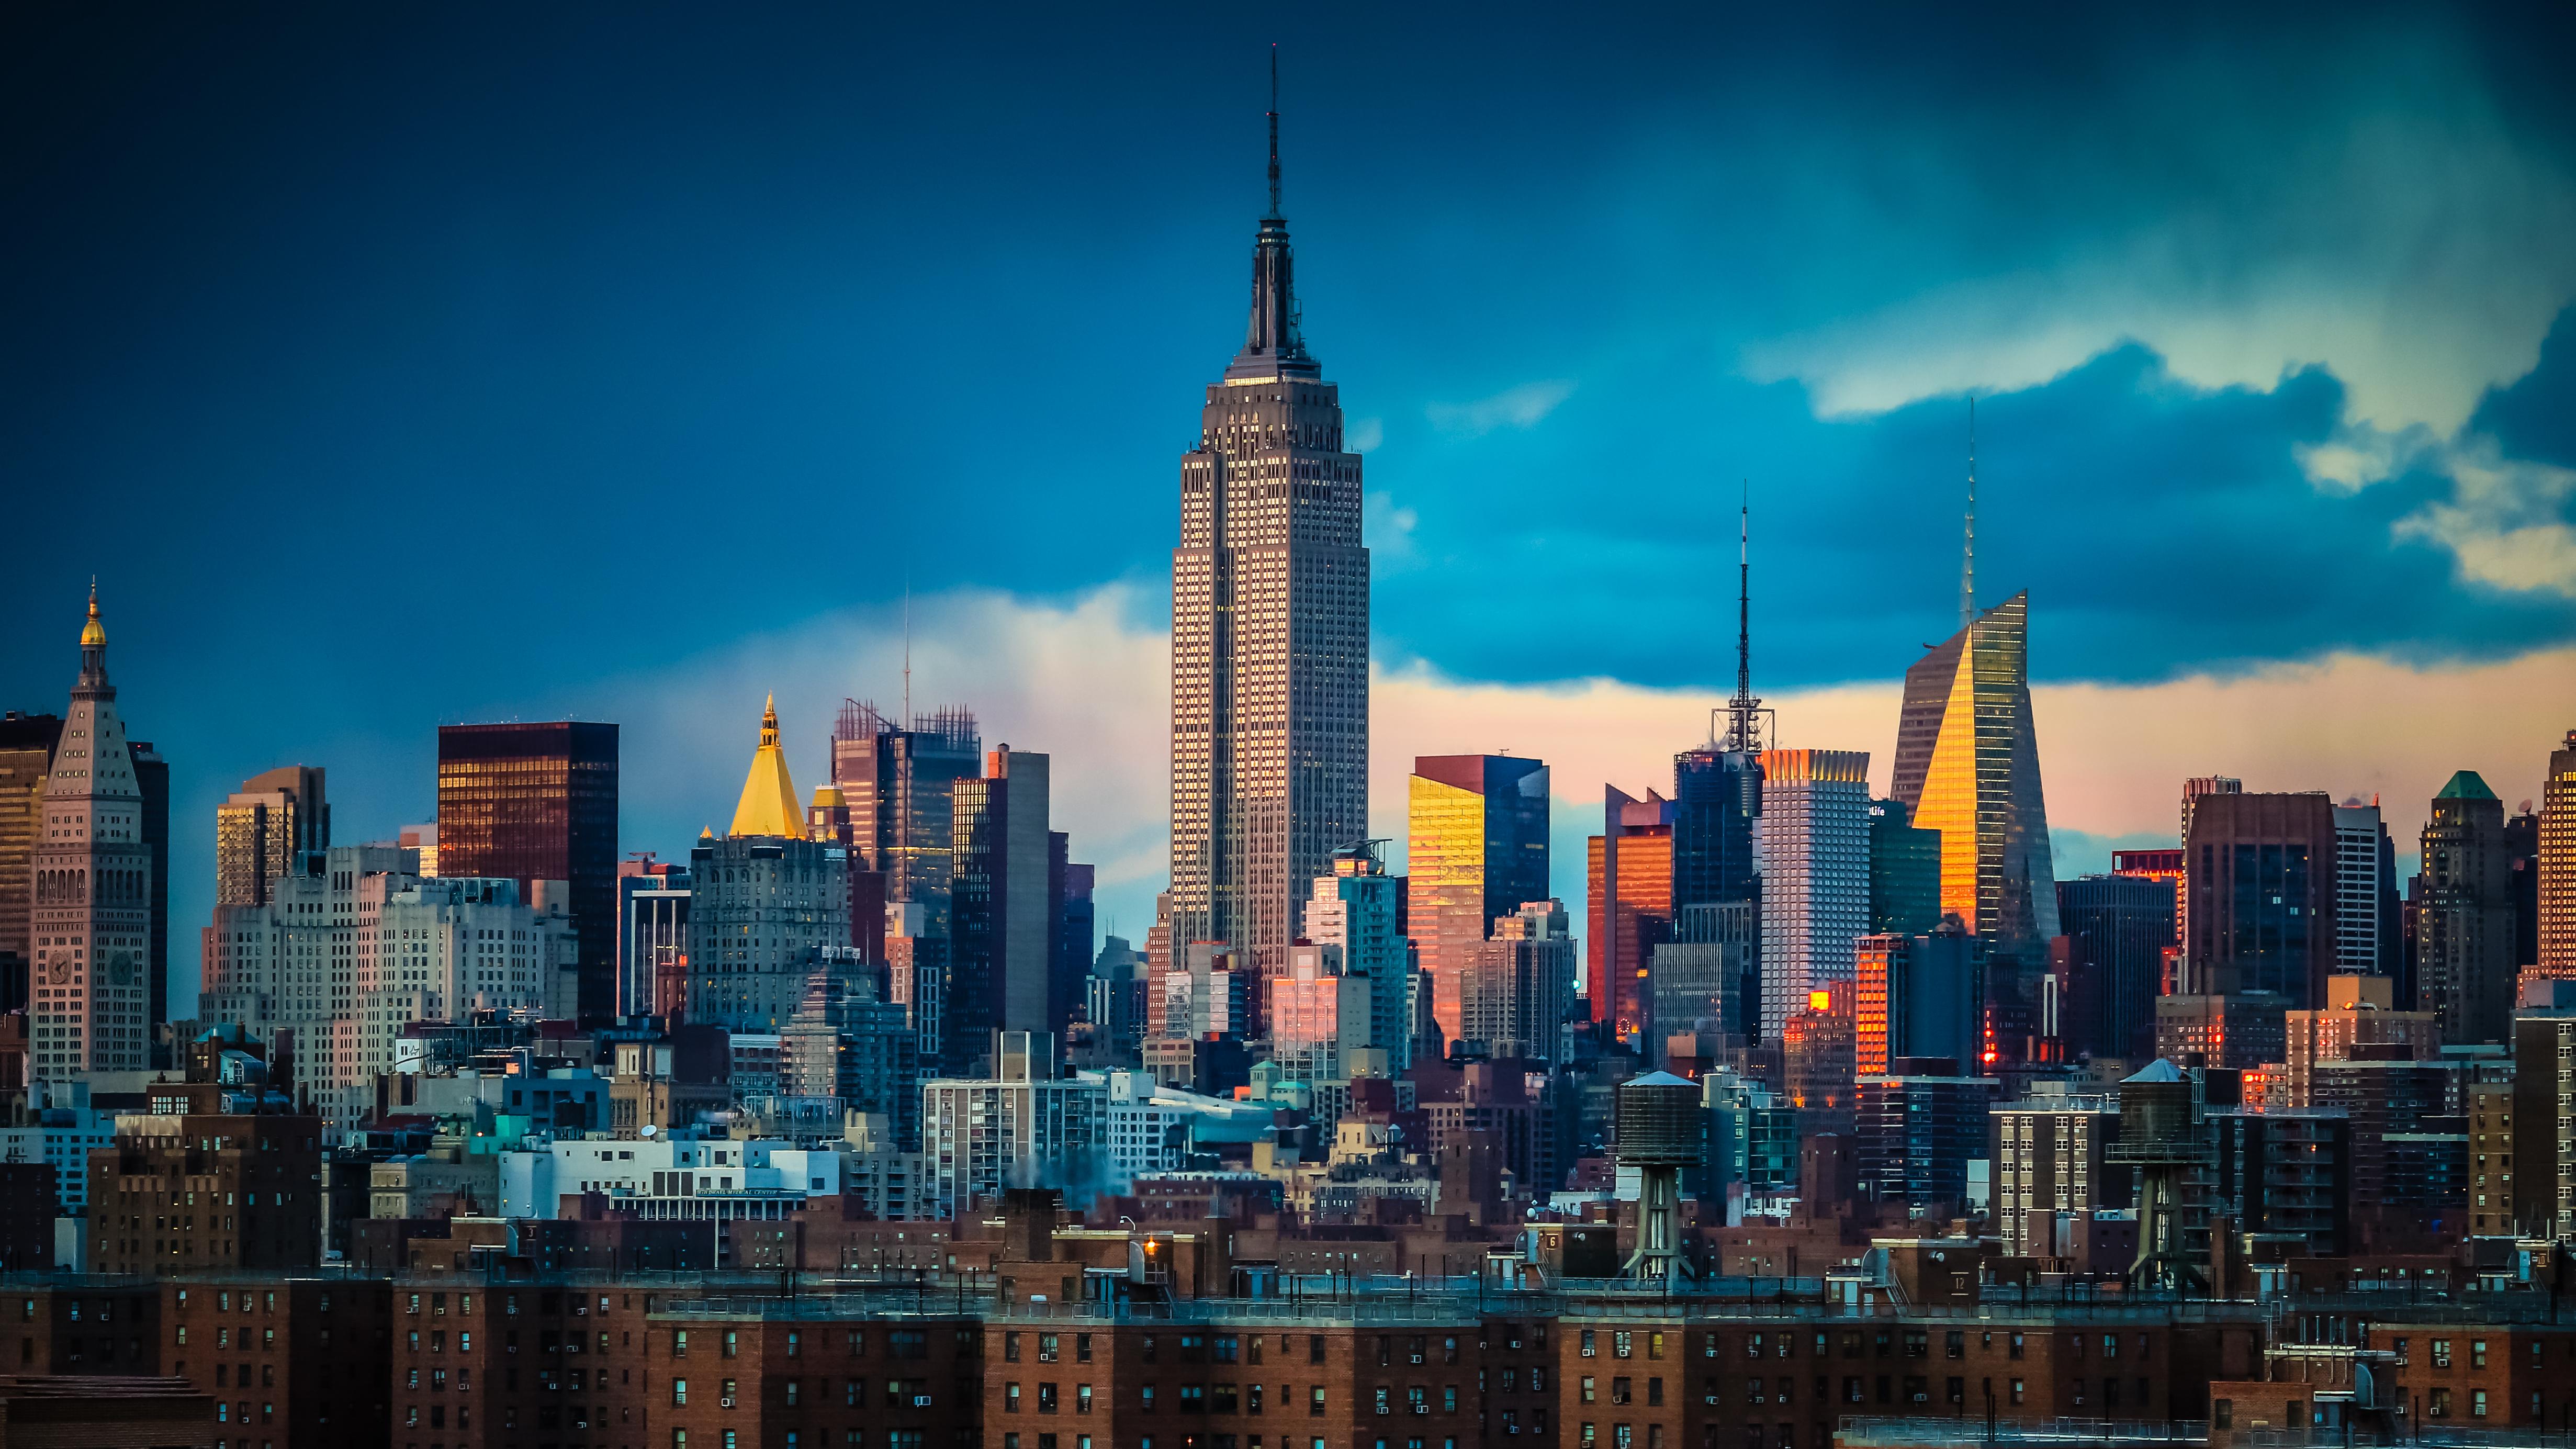 デスクトップ壁紙  シティ, 都市景観, 夜, 建築, 建物, 空